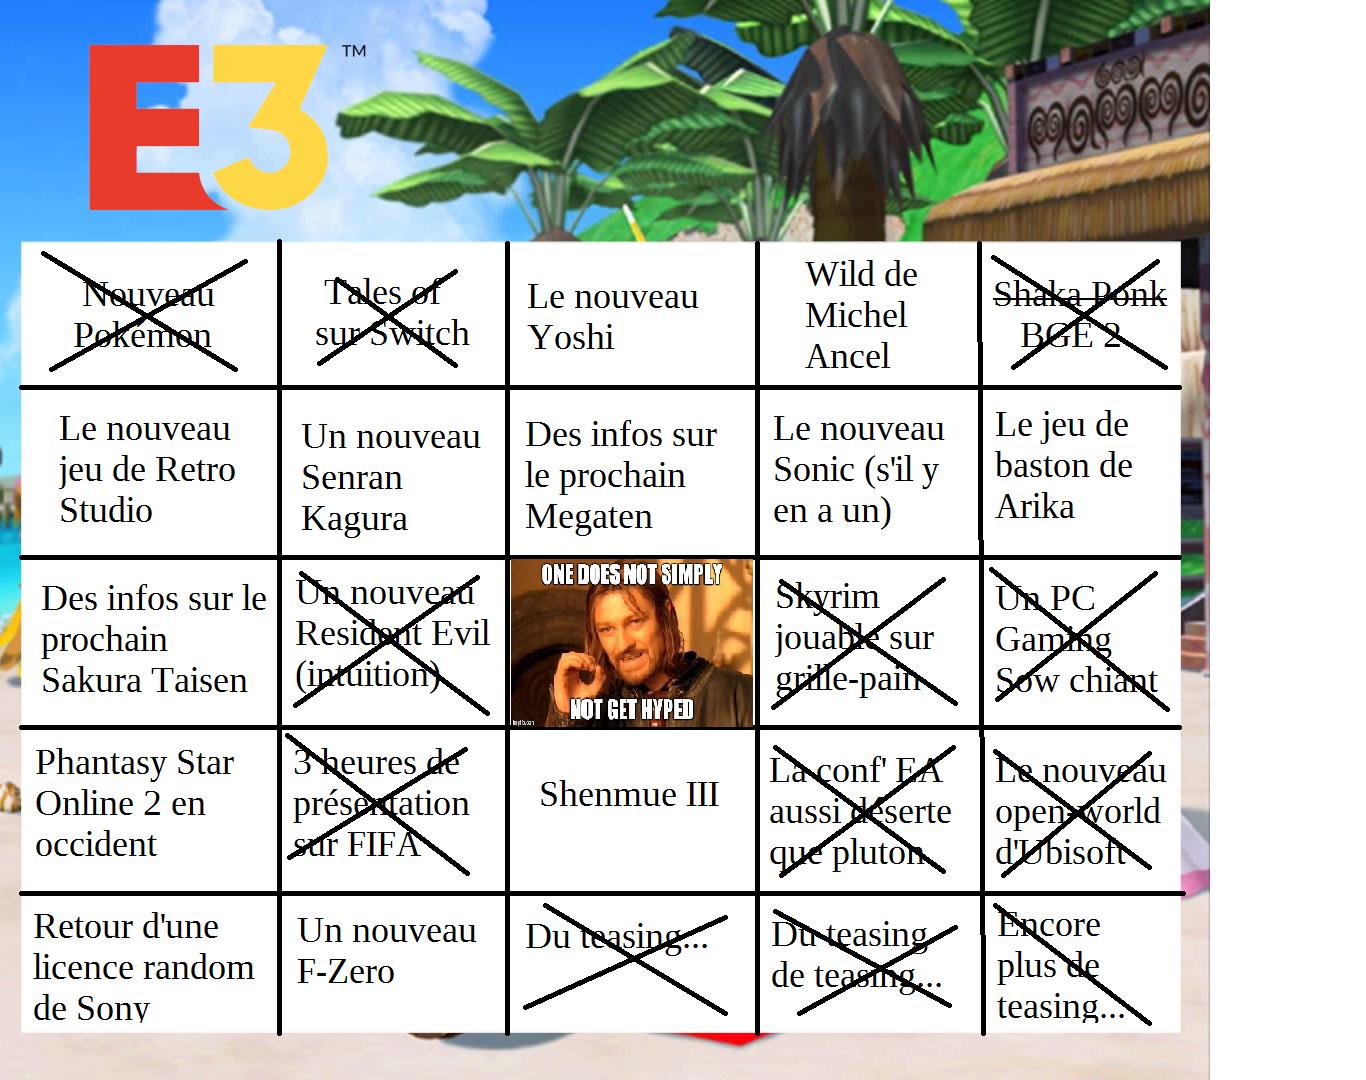 bingo2018complete.png